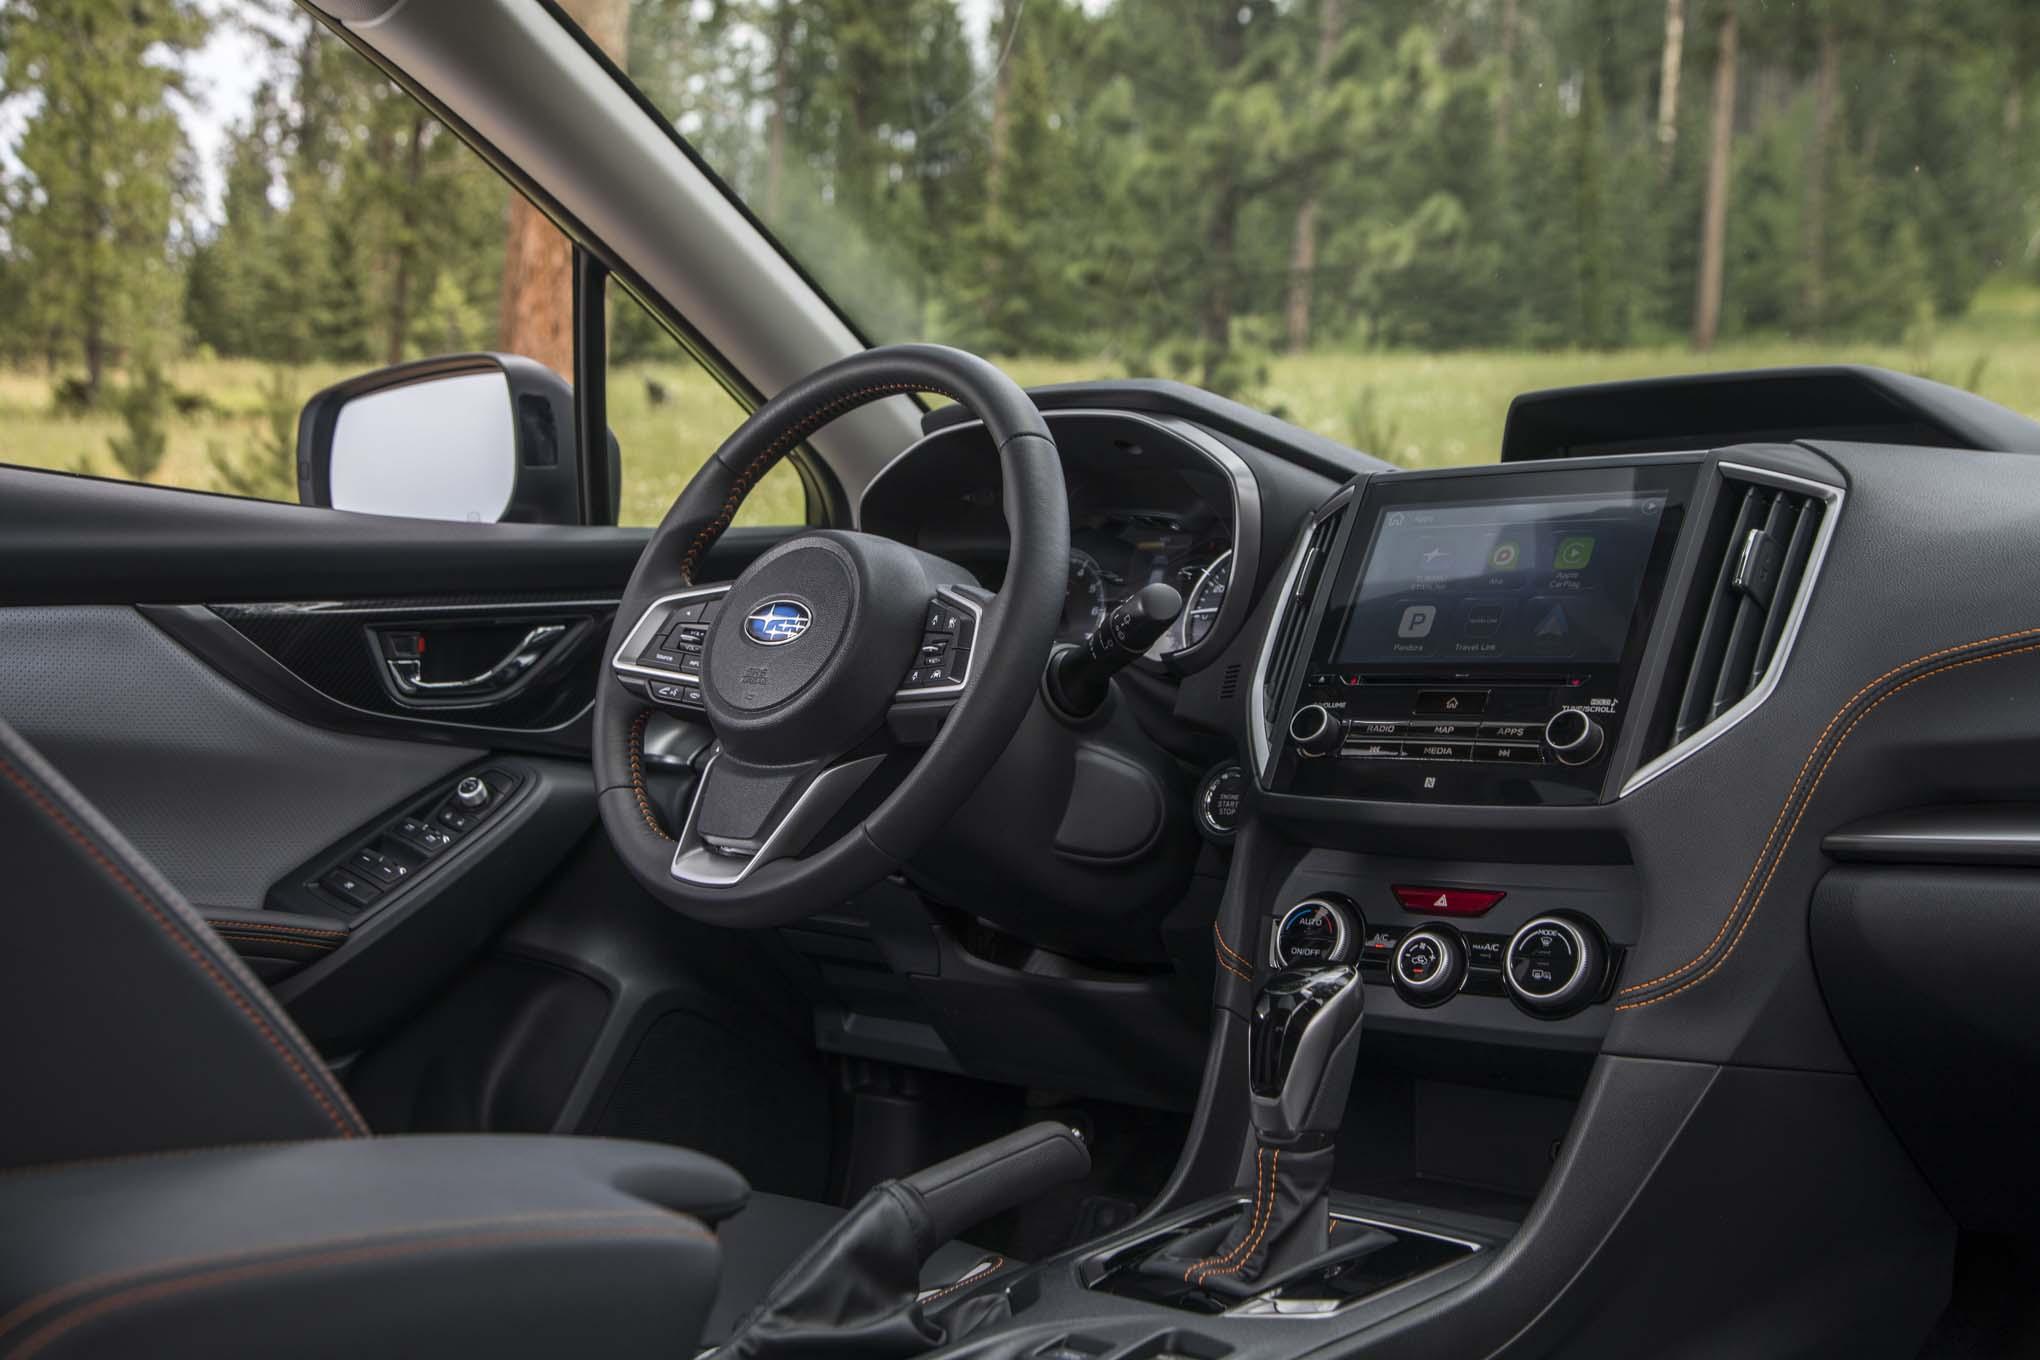 2018 subaru crosstrek limited one week review - Subaru crosstrek interior lighting ...